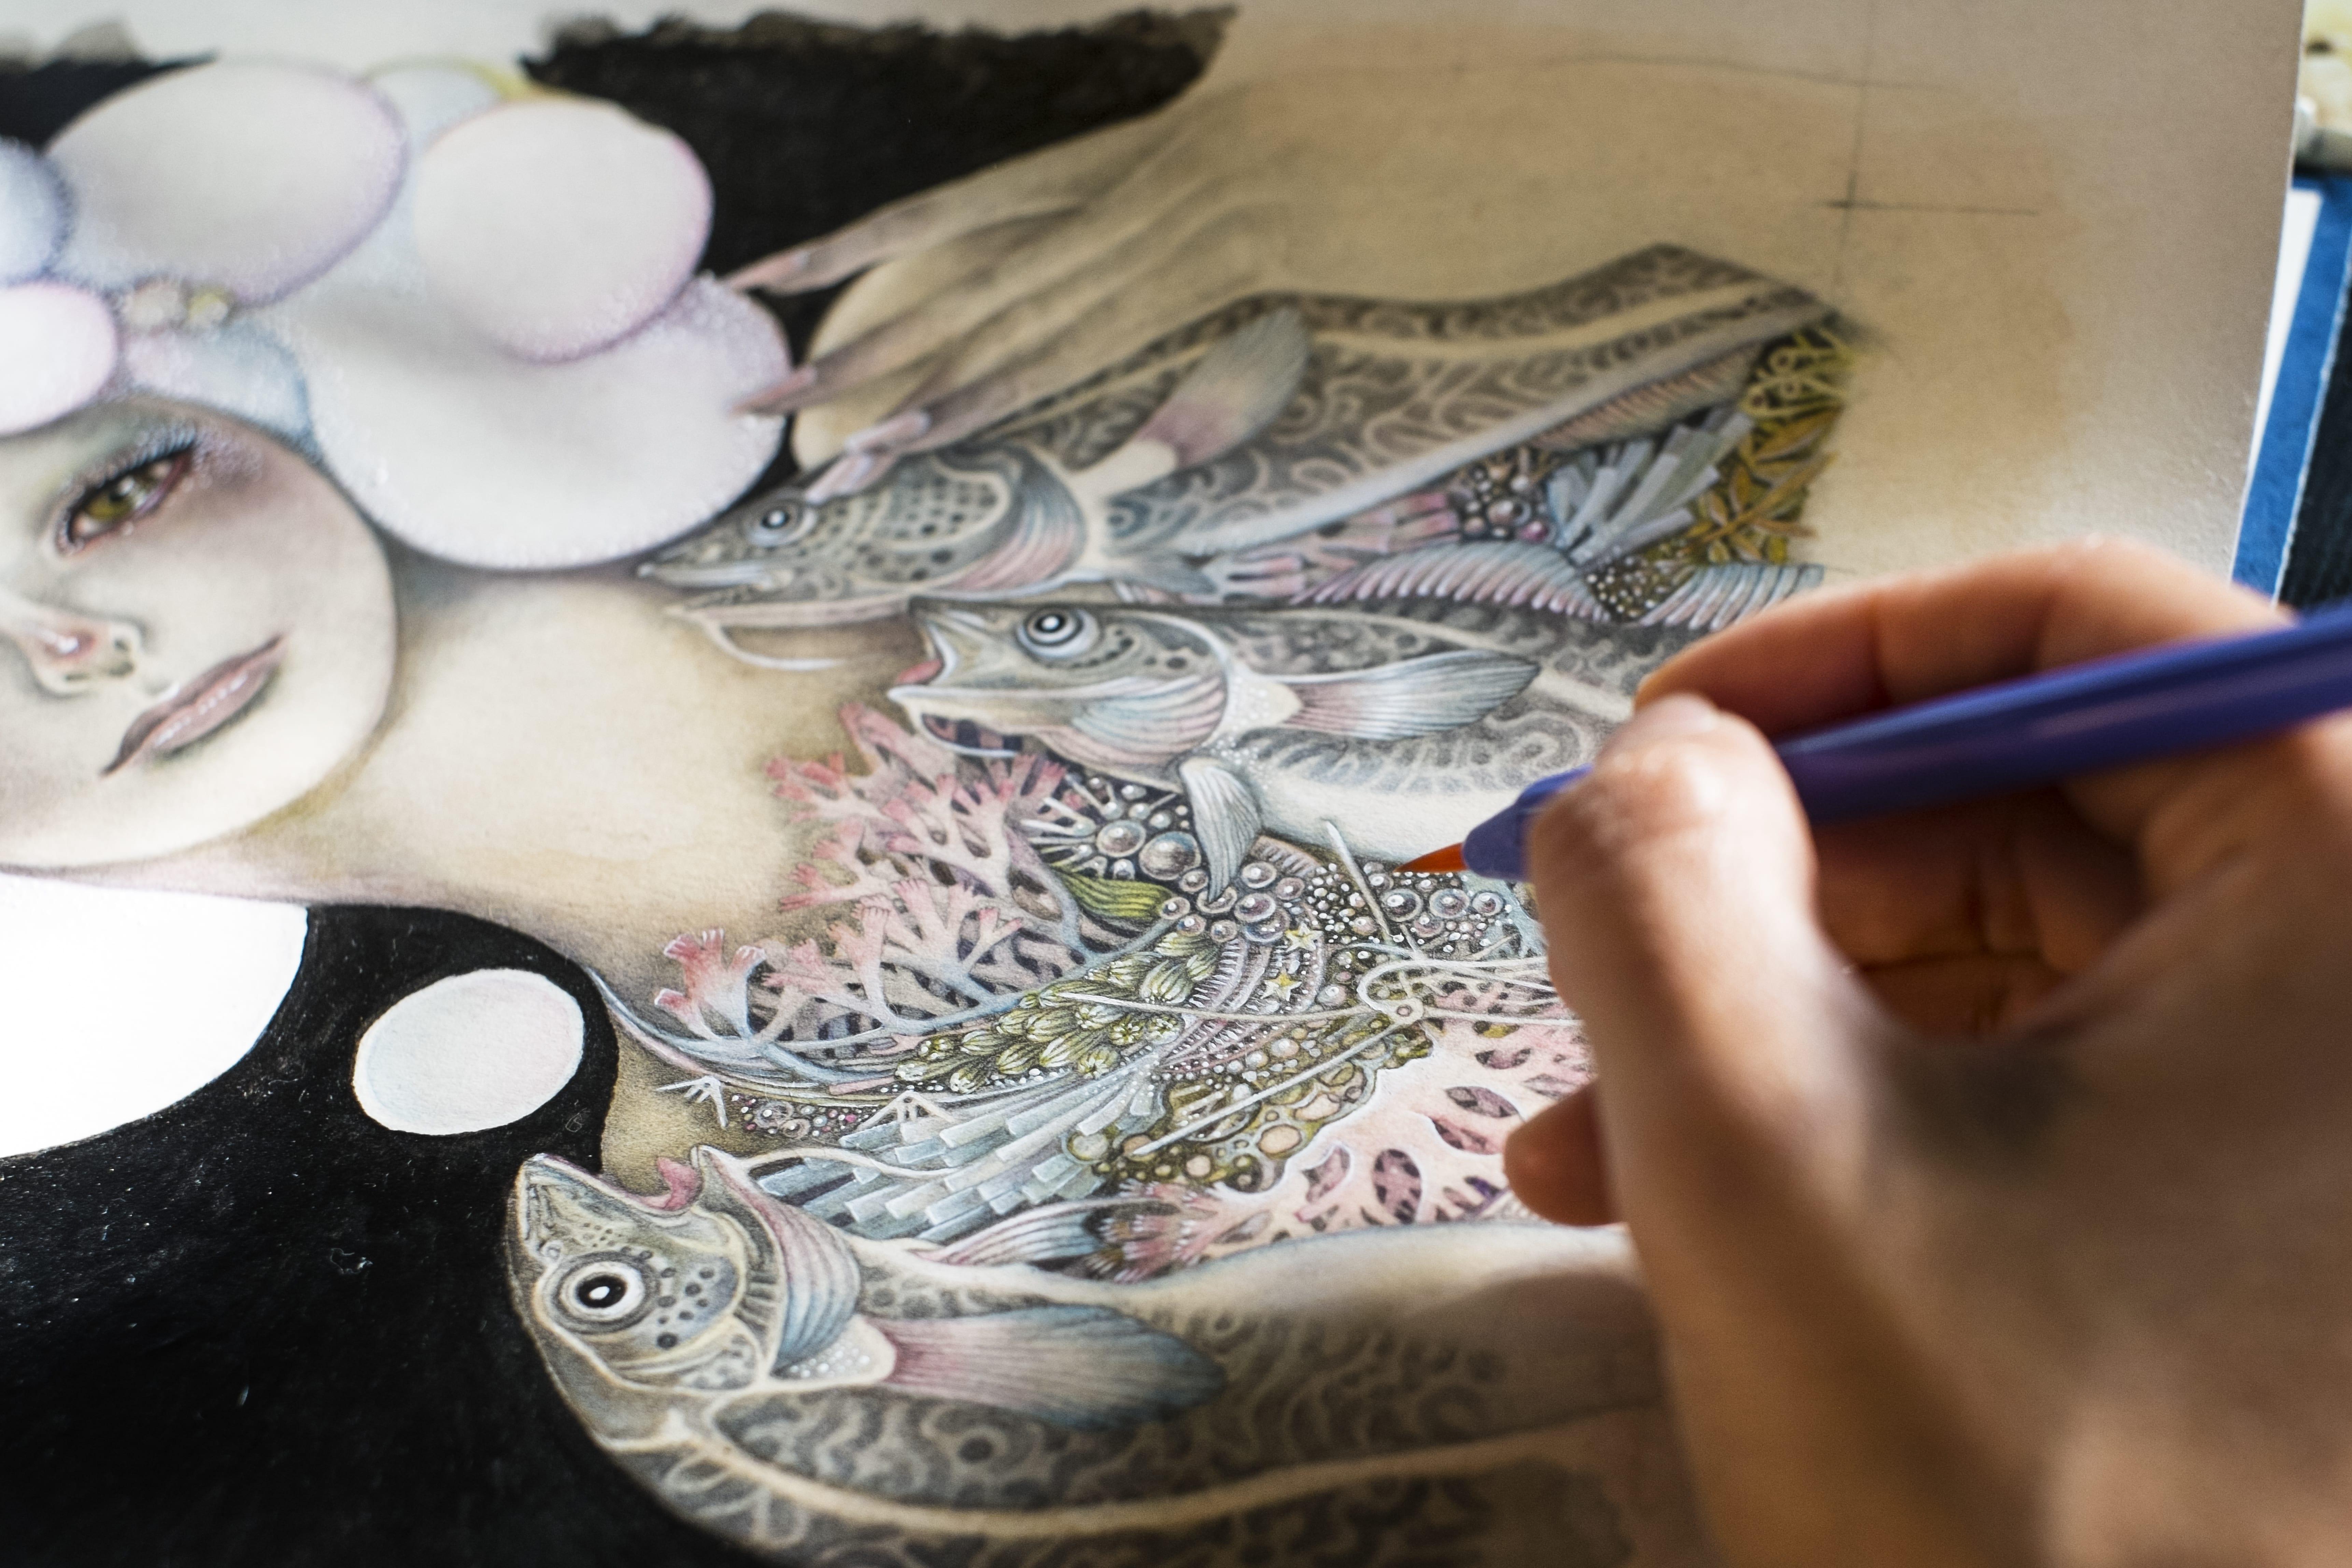 緻密な絵を描く女性の手元